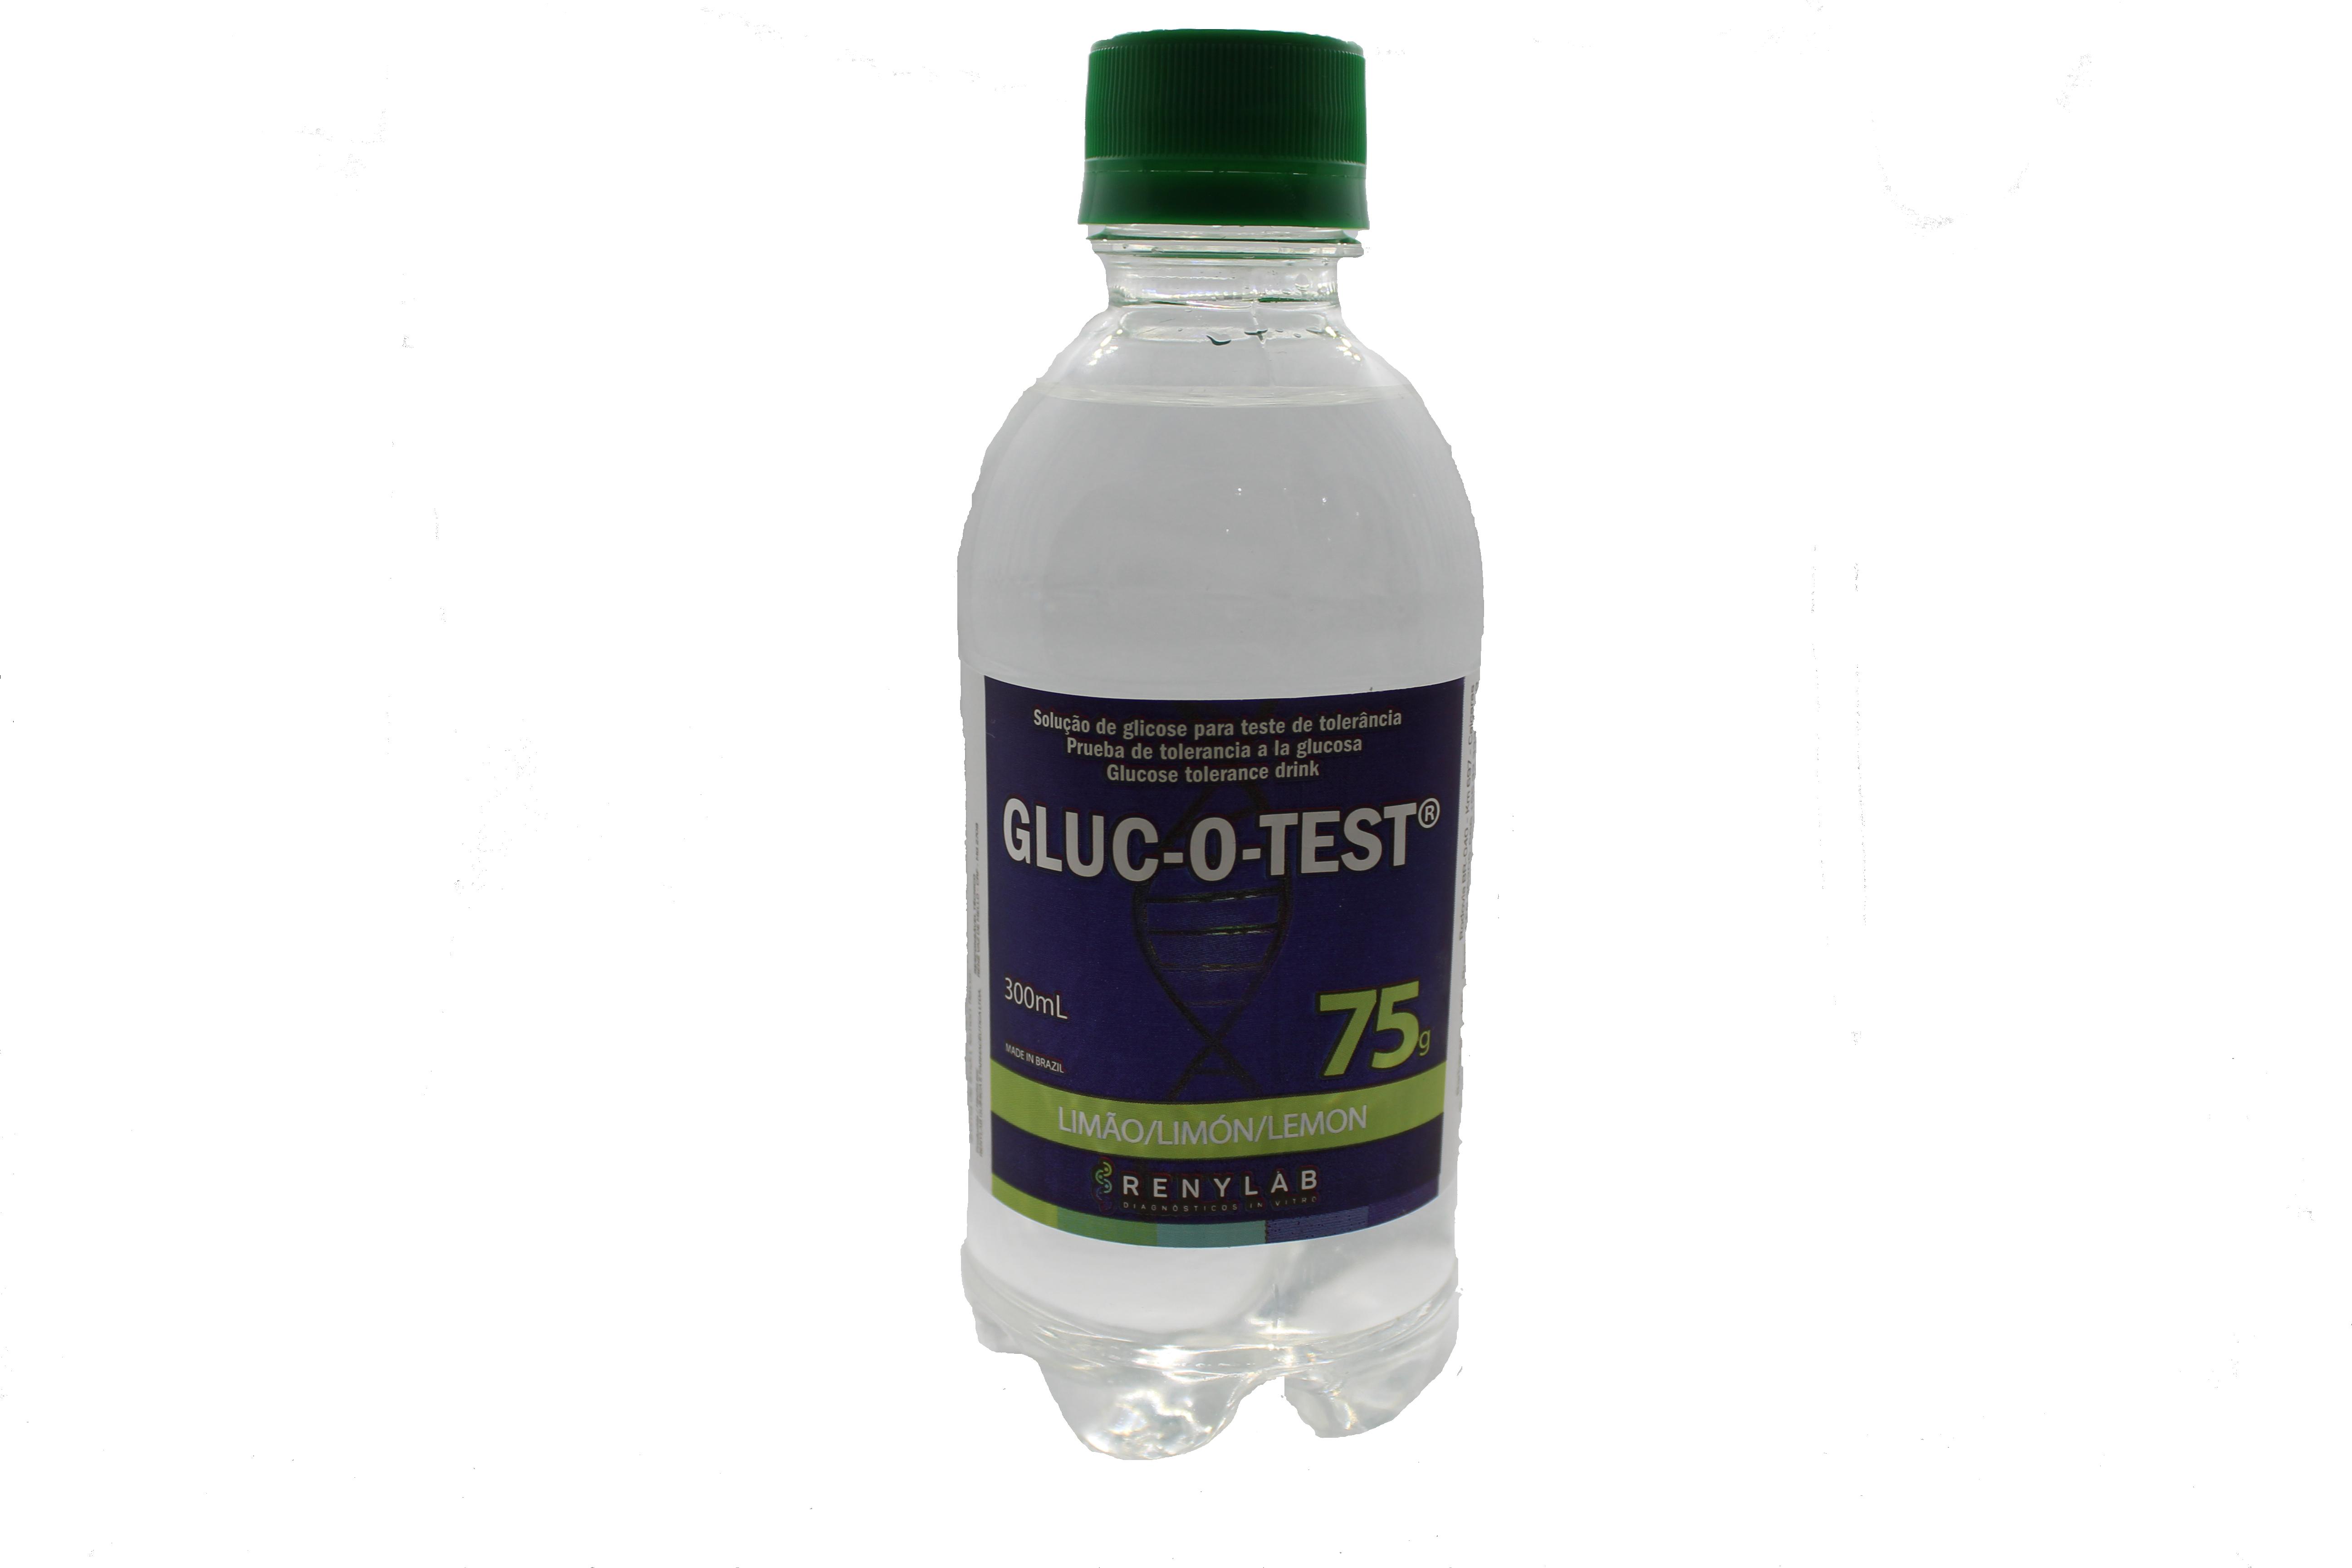 Gluc-o-test® 75g (Solução de Glicose)